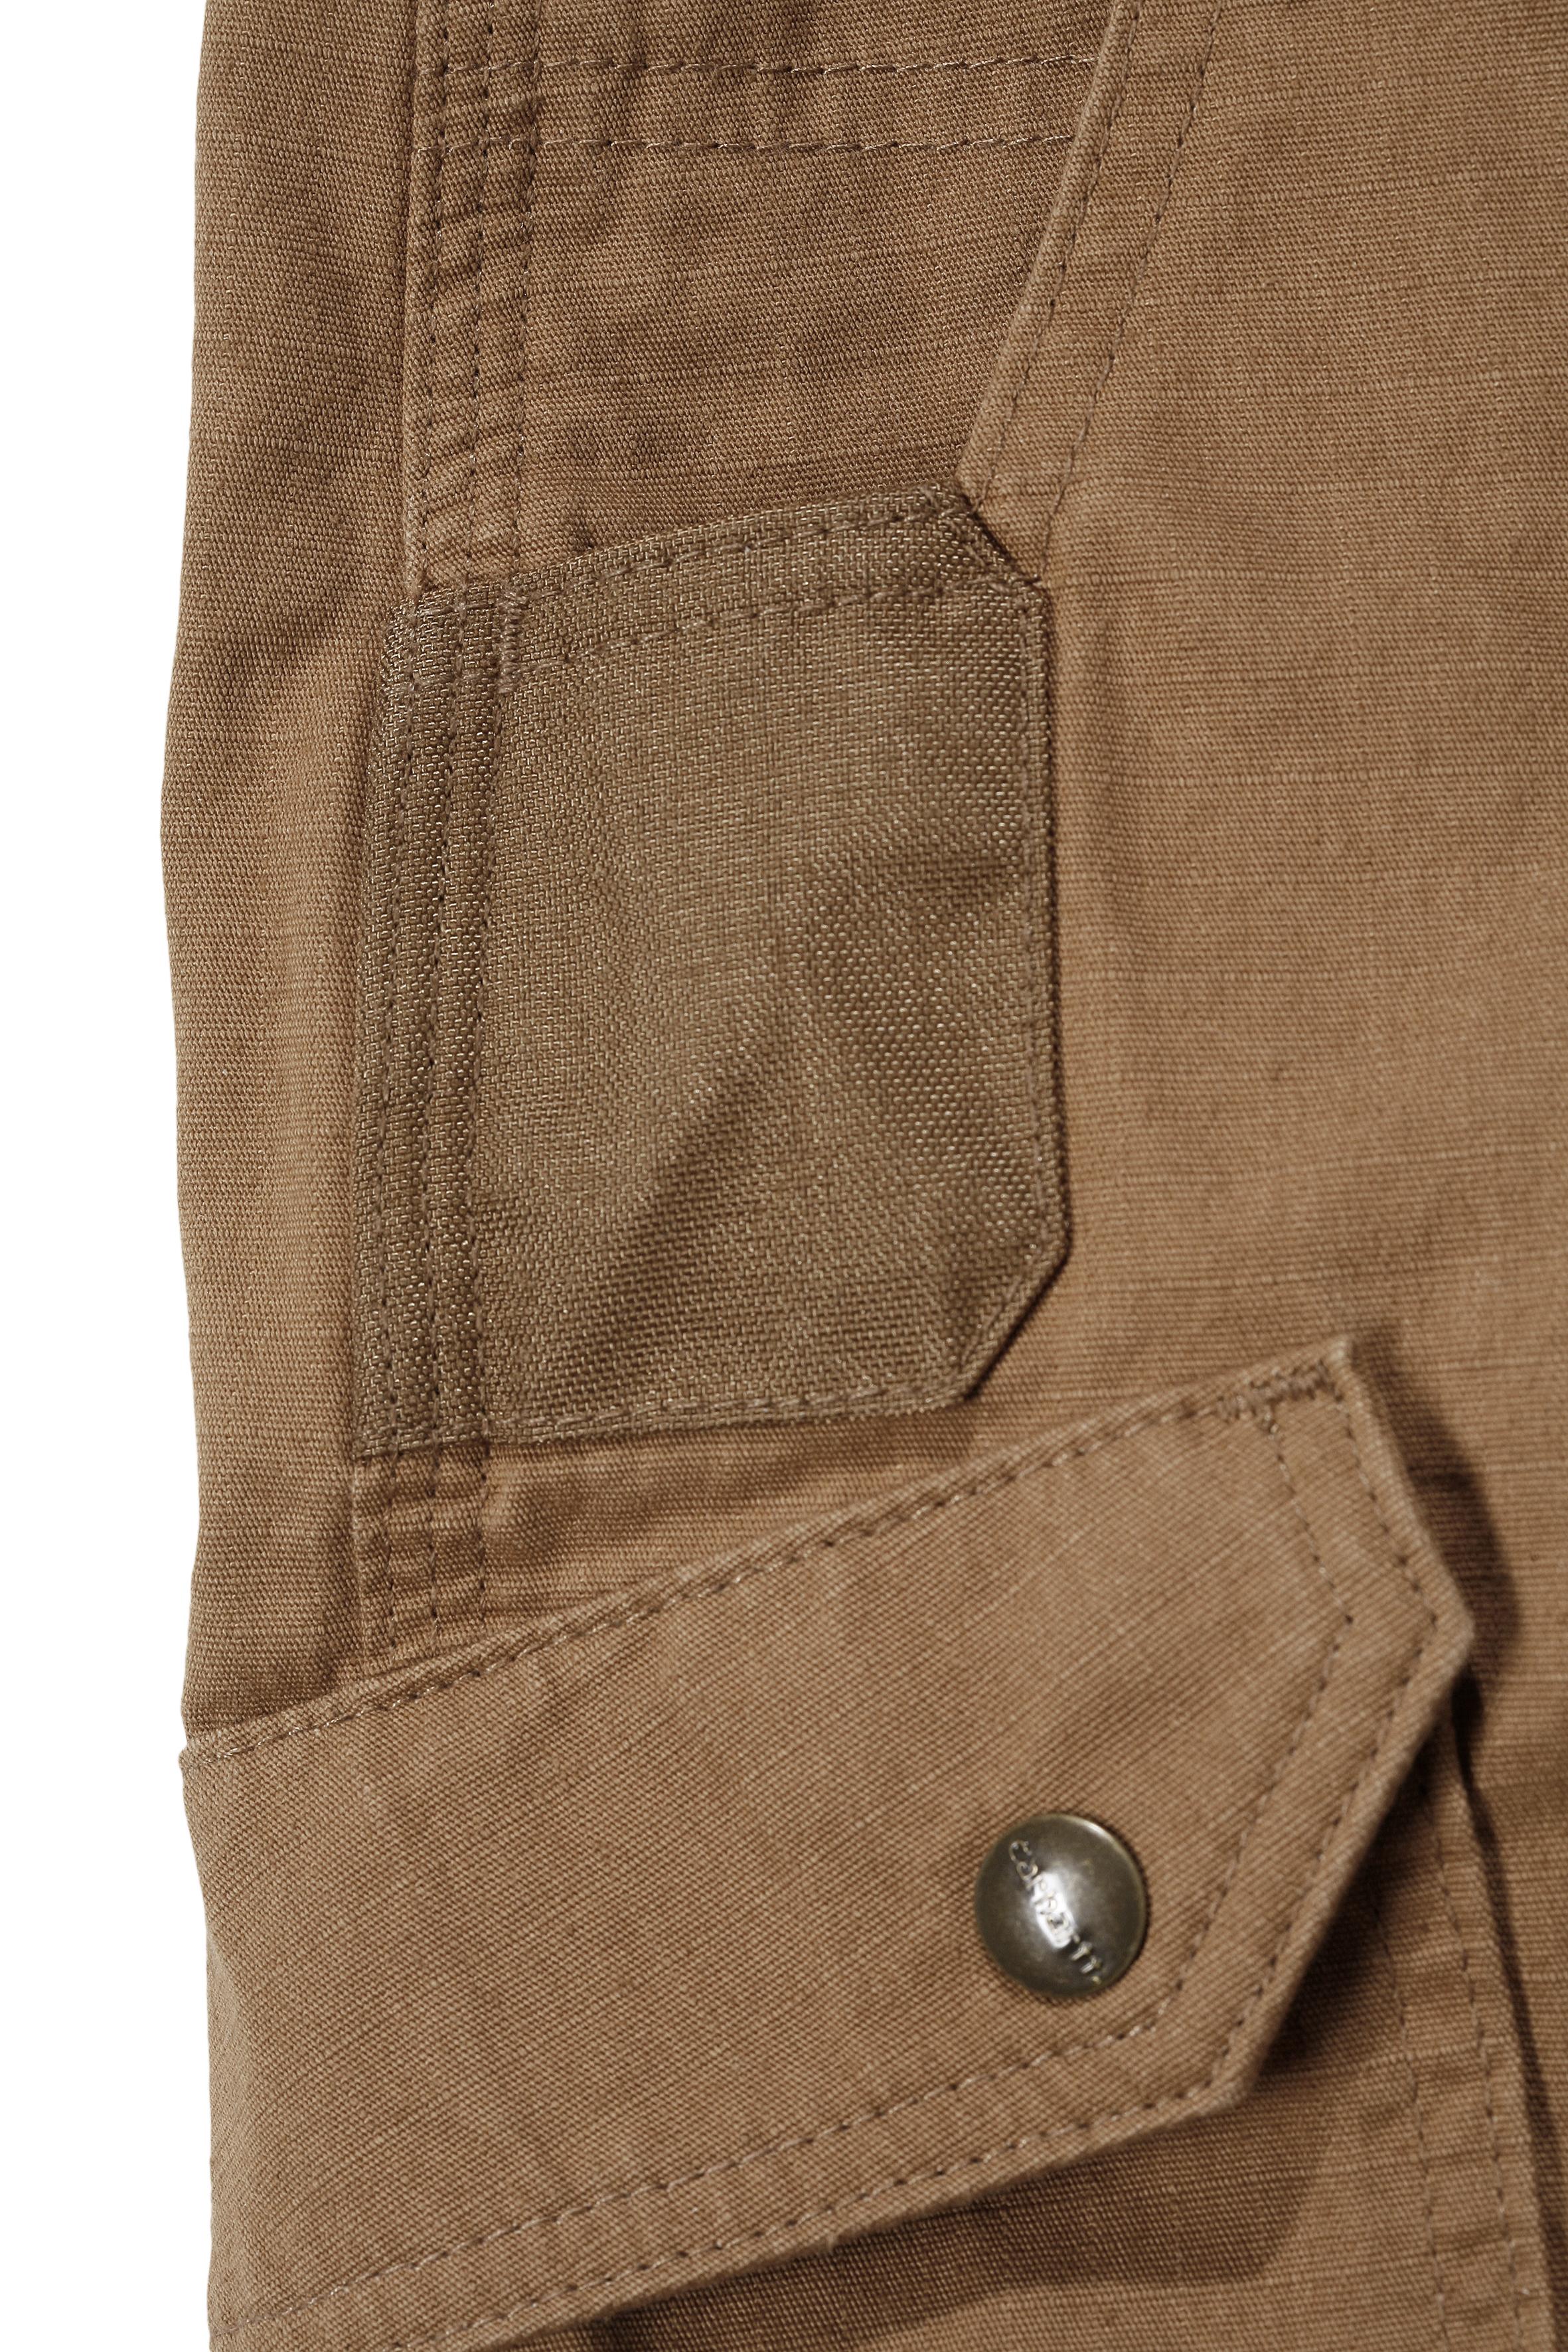 B357_shorts_carhartt_arbeidsshorts